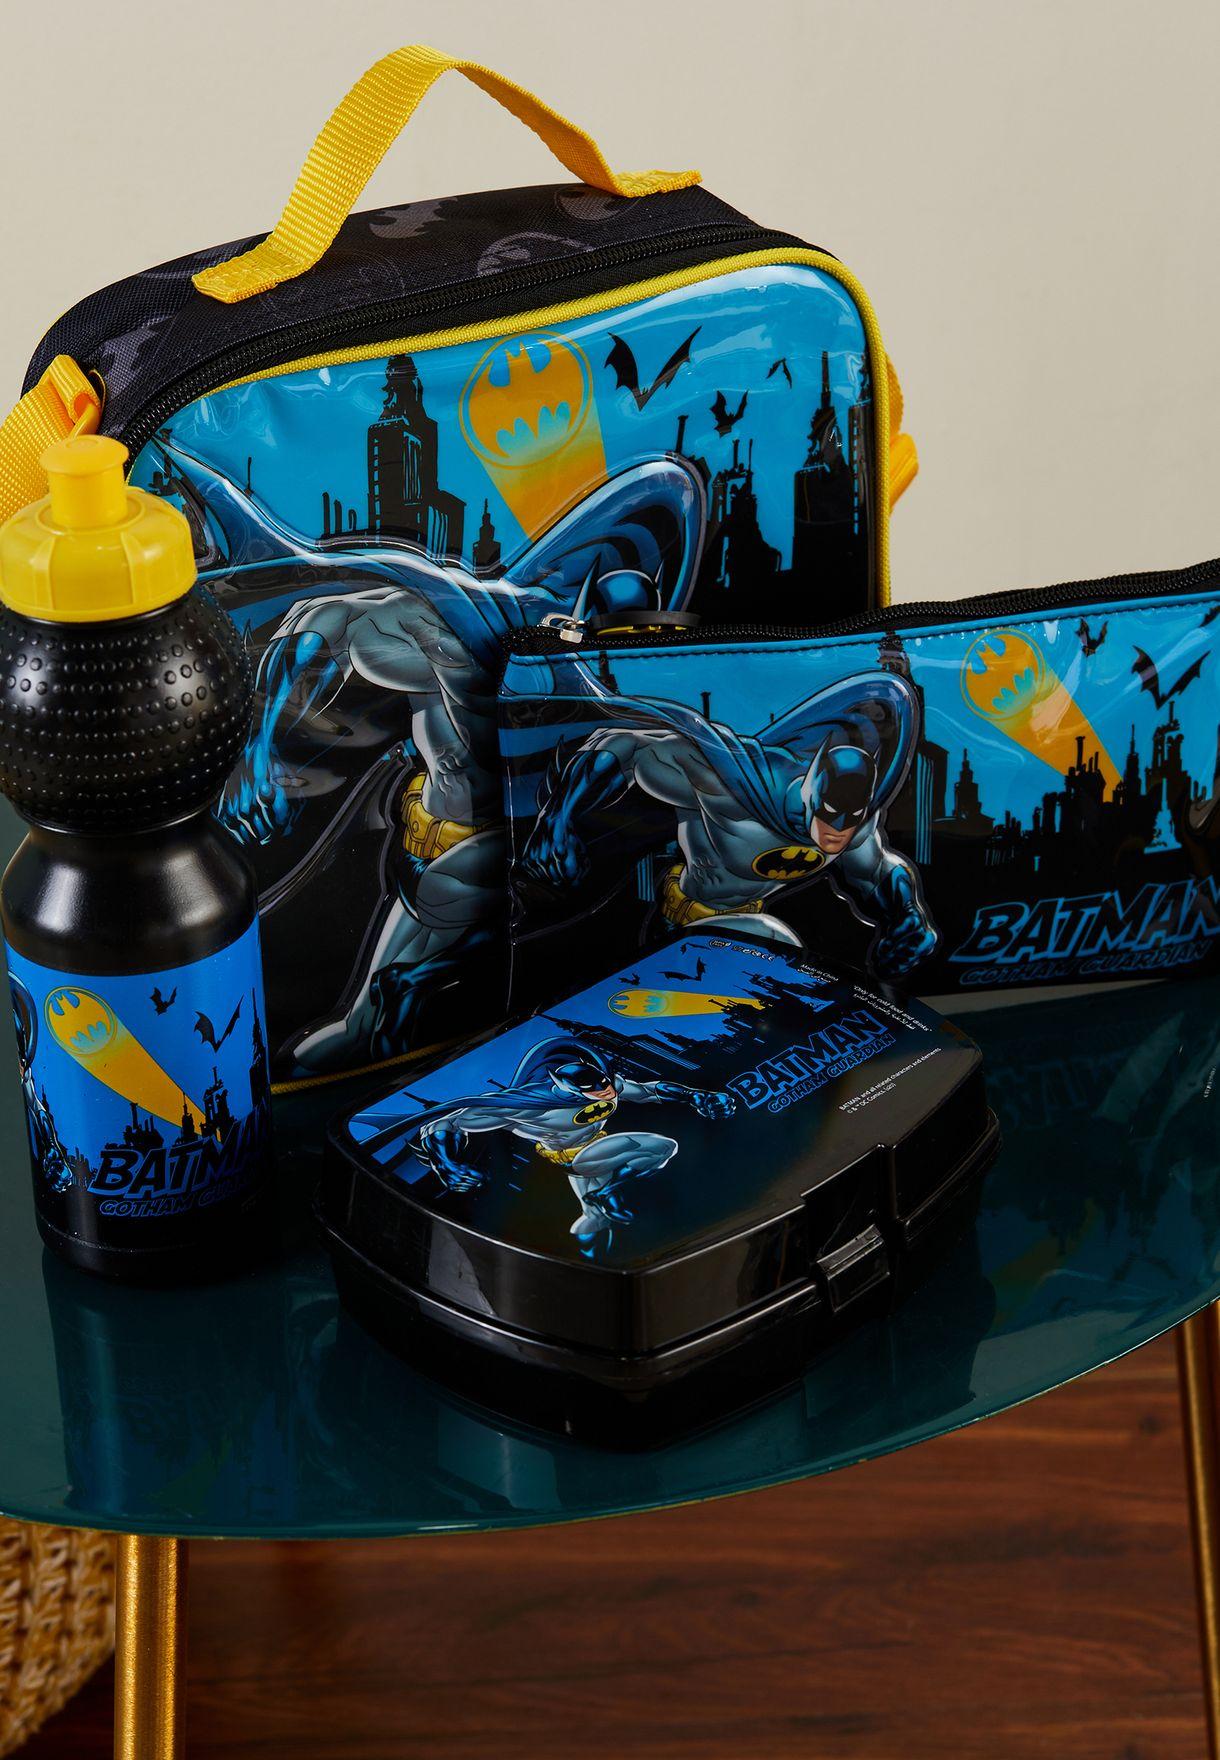 مجموعة شنطة ولوازم مدرسية بطبعة باتمان